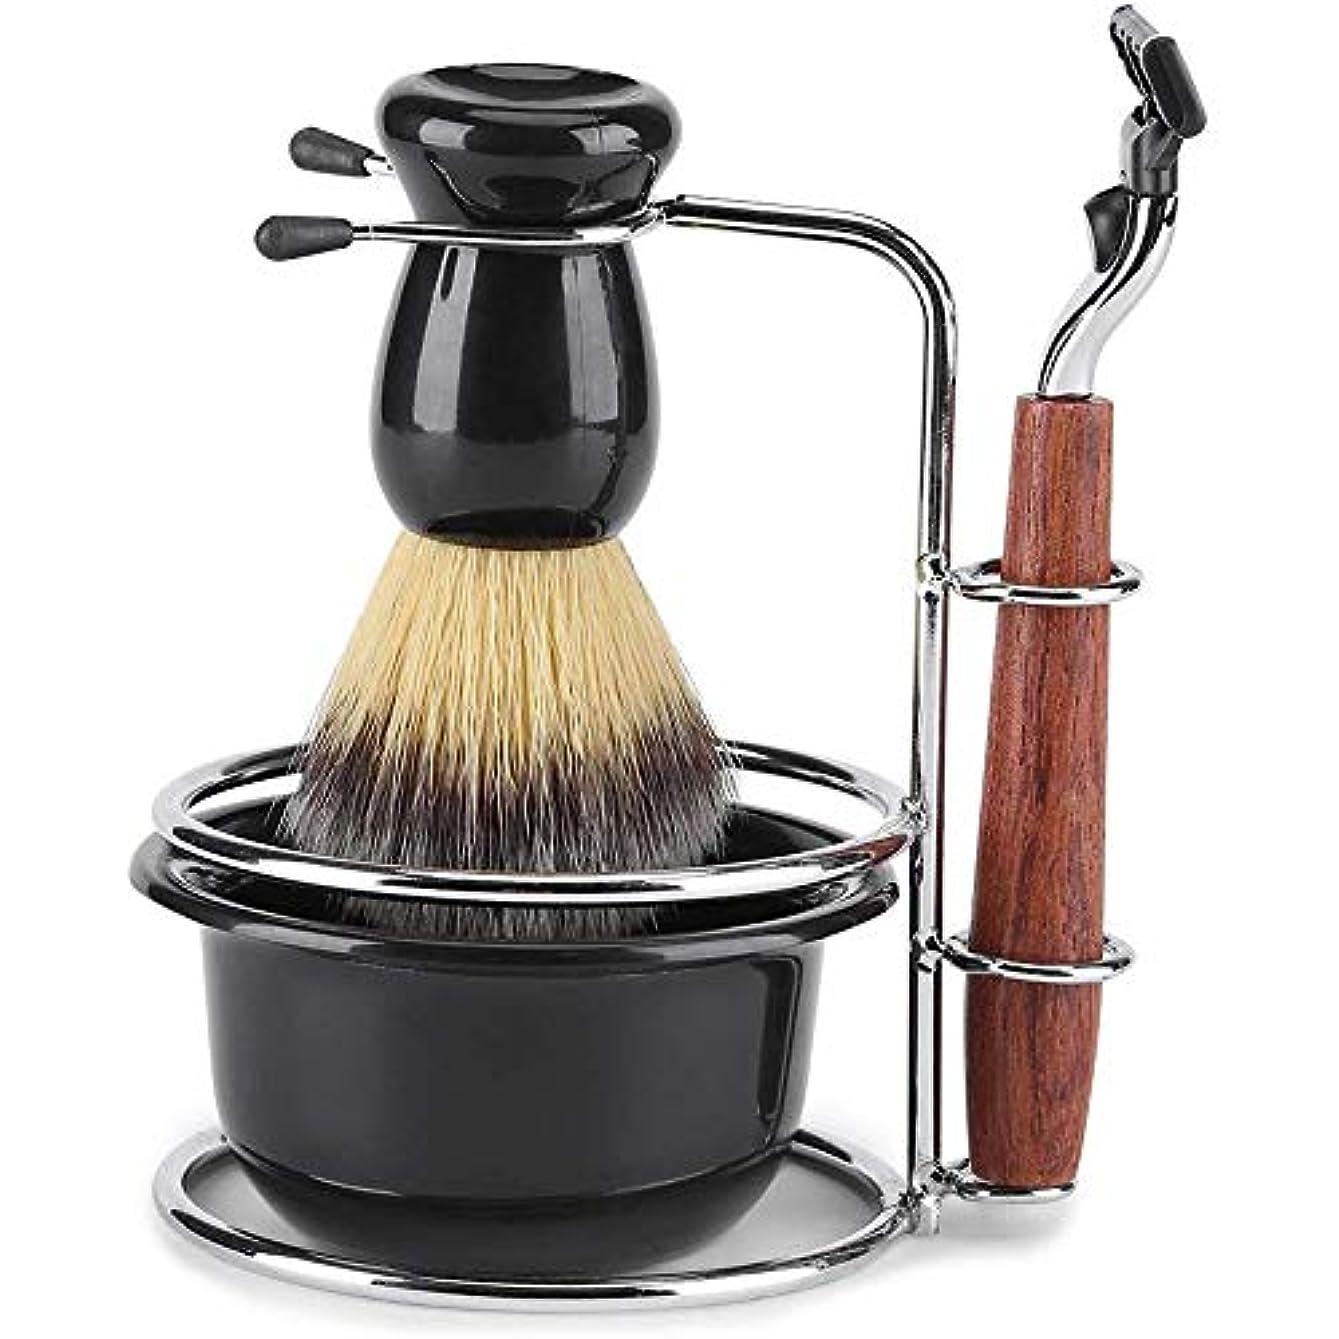 典型的なアソシエイトのスコア4セットシェービングブラシセットプラシスタンド 石鹸ボウル父の日プレゼント ひげブラシ シェービングブラシ 洗顔 髭剃り